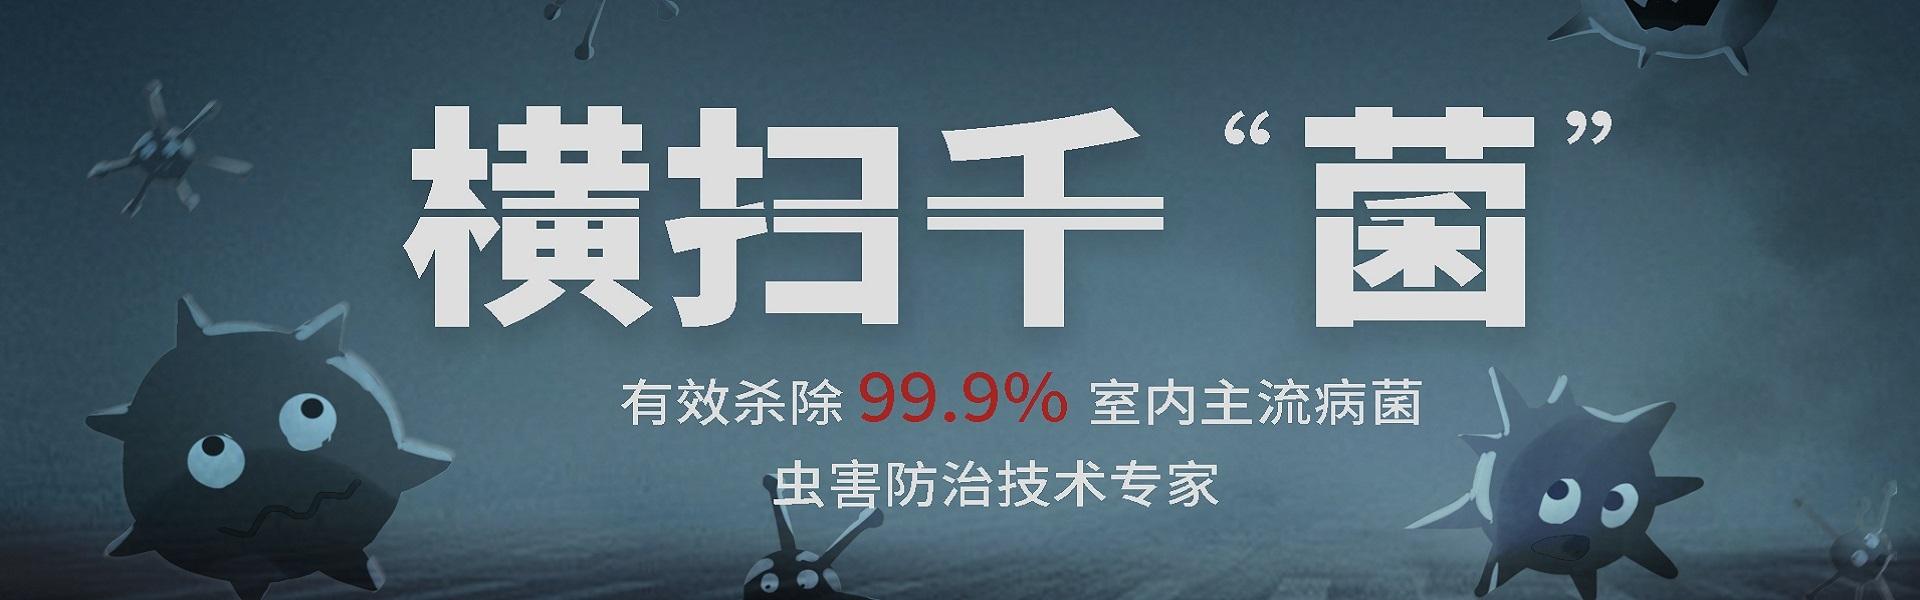 武汉消毒杀菌banner